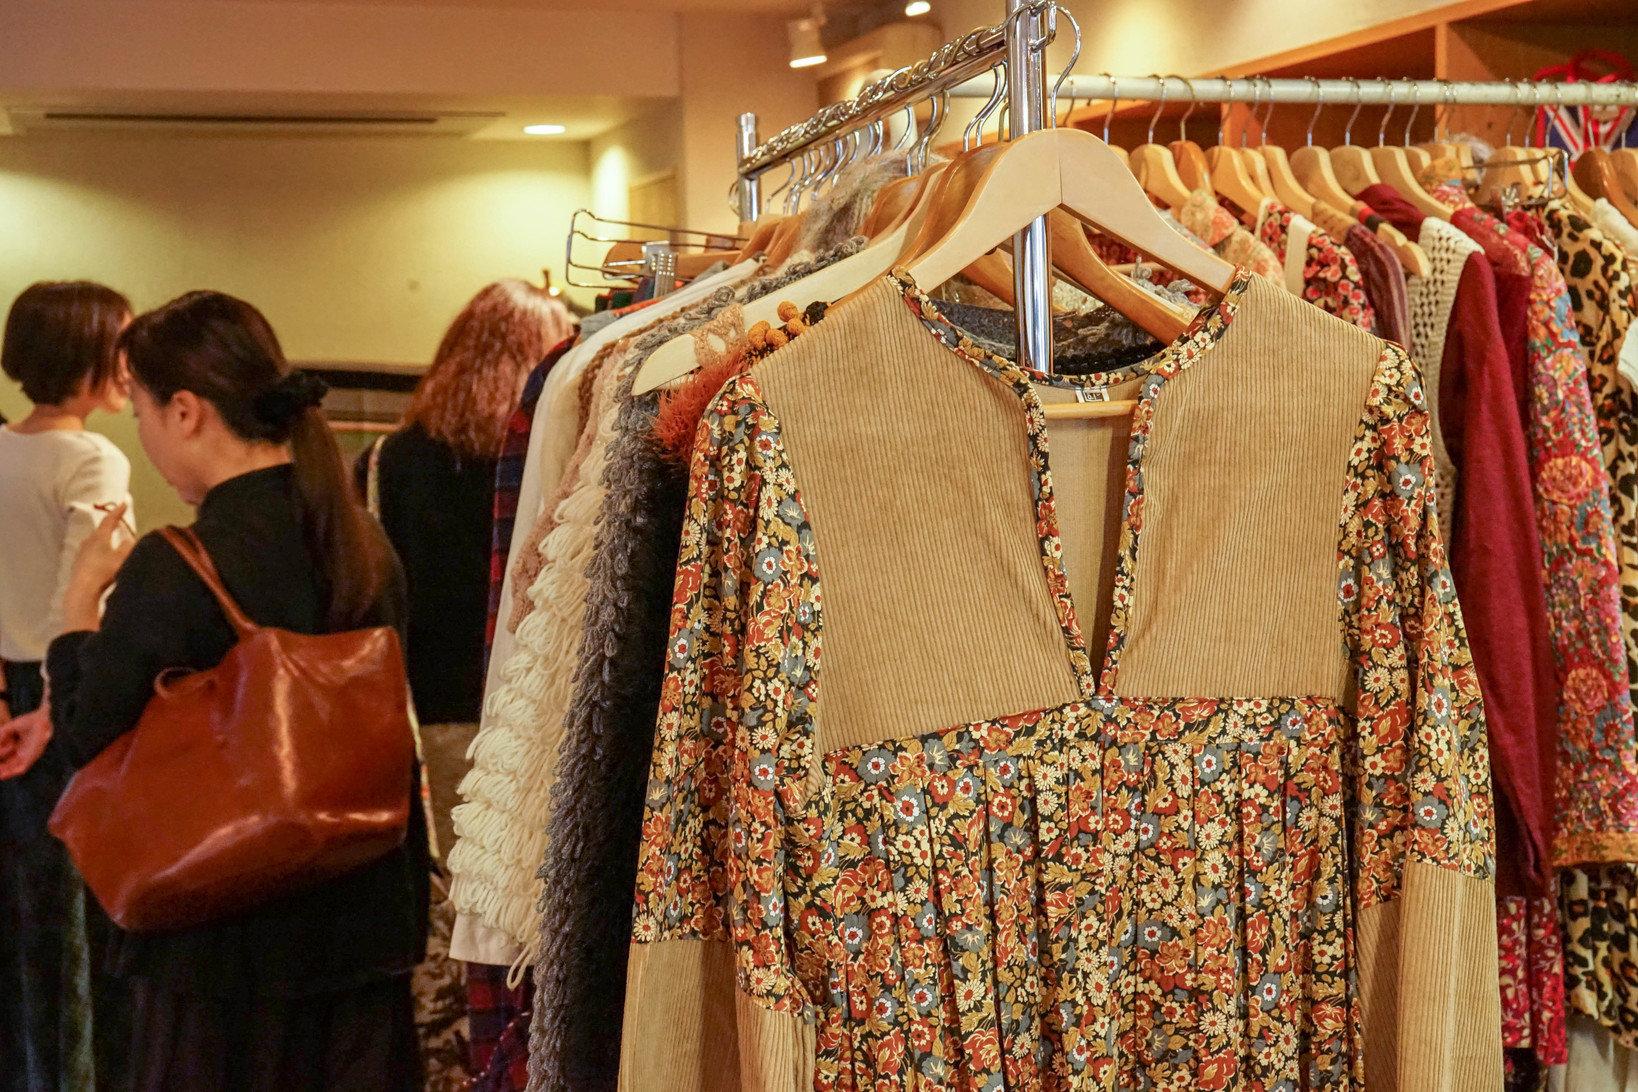 古いイギリスのヴィンテージ服のプリントには、イギリスらしさが詰まっている。ロンドンのLiberty社のプリントを使っているこちらのシャツは、ロマンティックな色柄が魅力的。「イギリスの方はアイコニックなものを好む気がします。流行りとかじゃなくて、『私はこの柄が好きだから着る』という選び方をするんです」